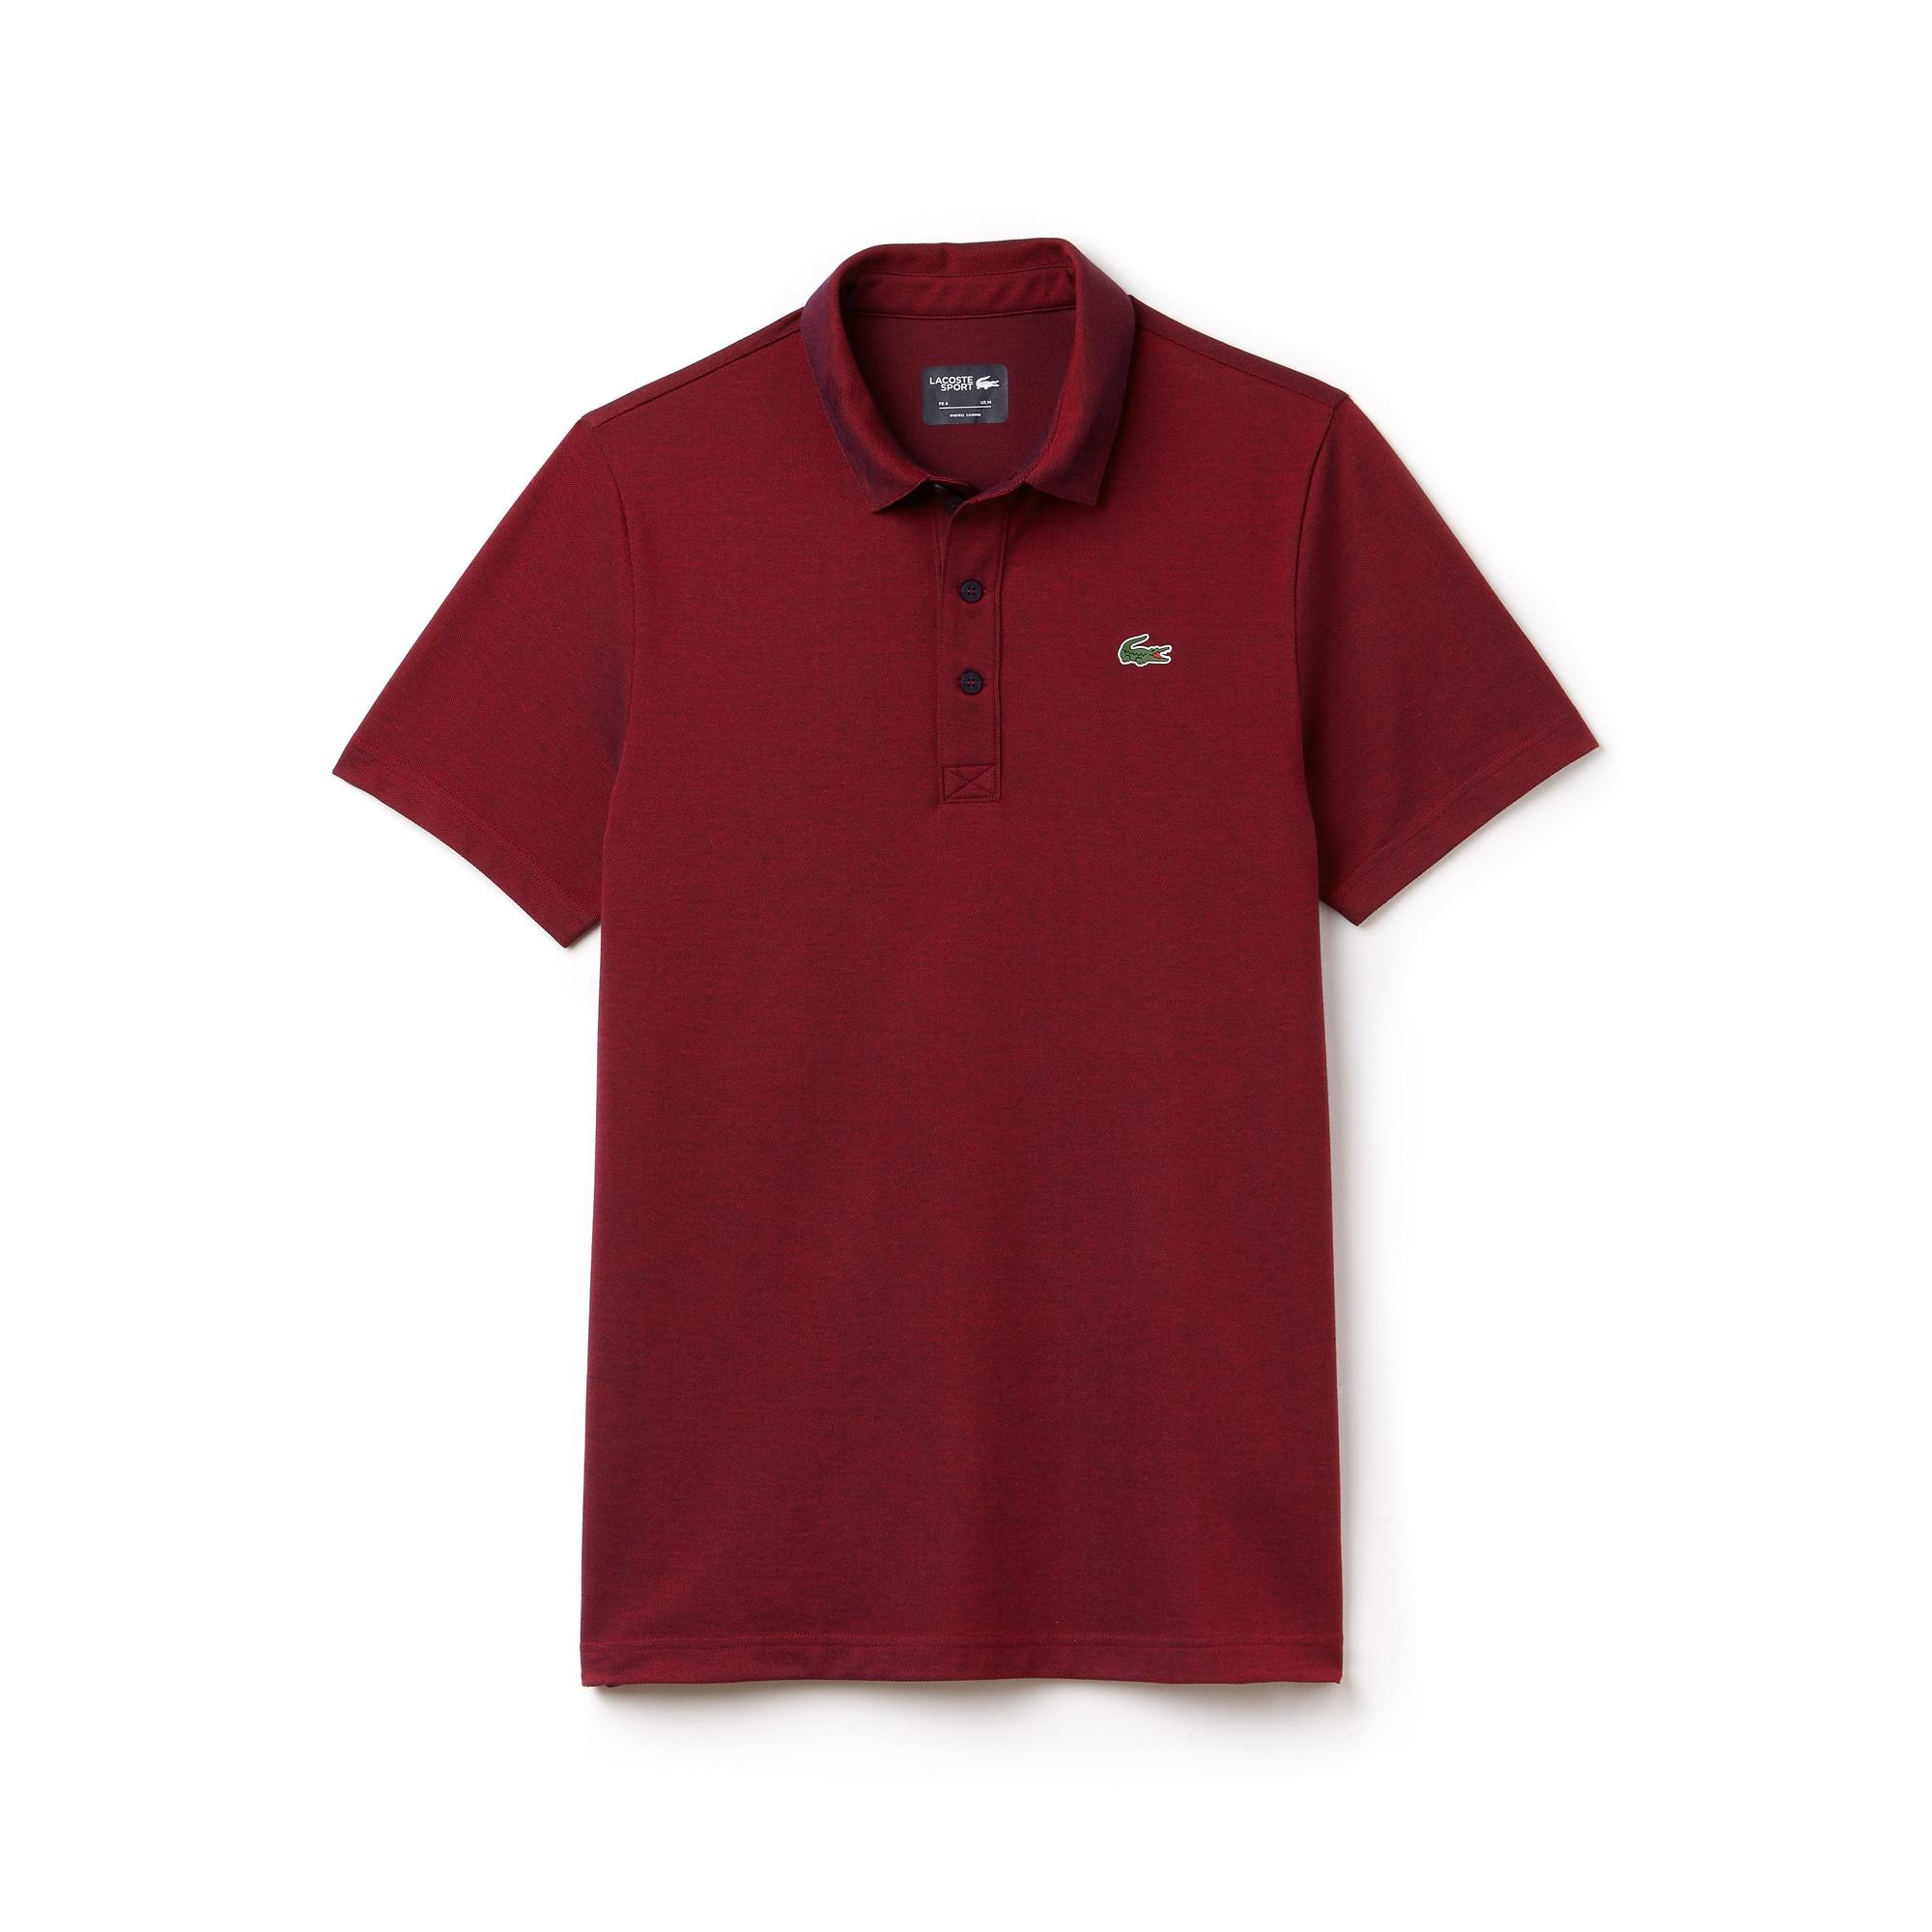 Herren LACOSTE SPORT zweifarbiges Golf-Poloshirt